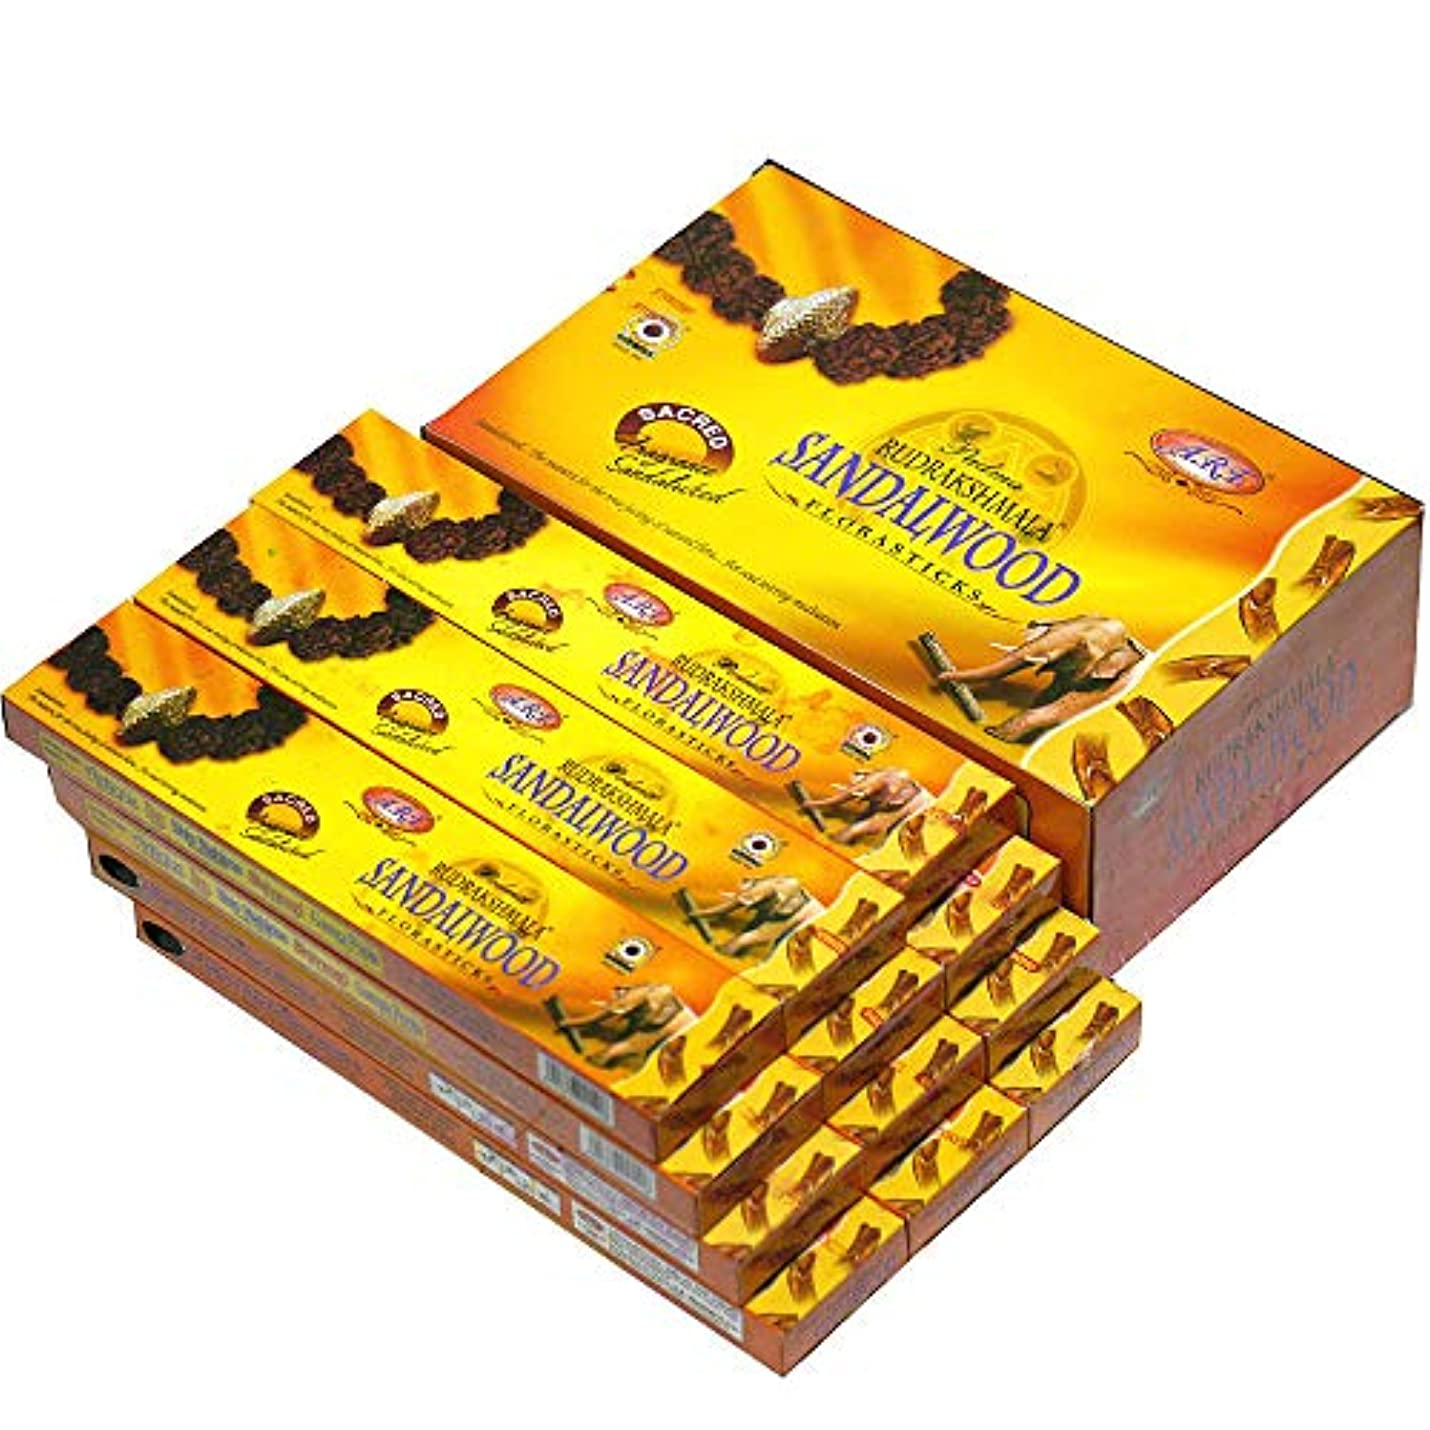 メタンマウントお誕生日PADMA(パドマー) RUDRAKSH ルドラクシャ香 スティック 12箱セット